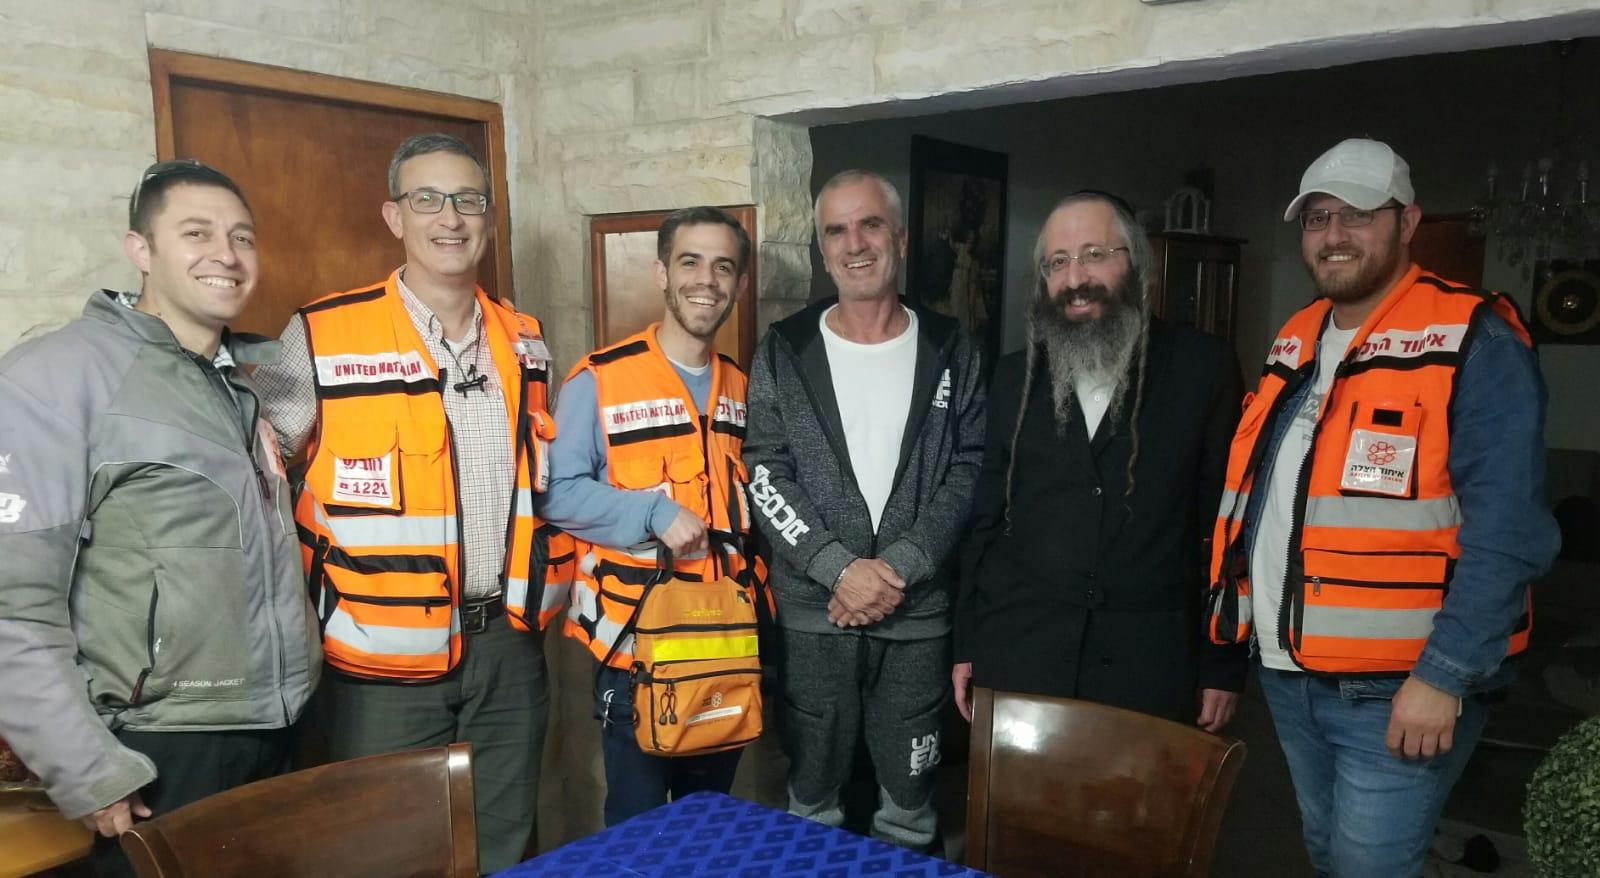 ראובן אלל עם חובשי איחוד הצלה (צילום: באדיבות איחוד הצלה בית שמש)